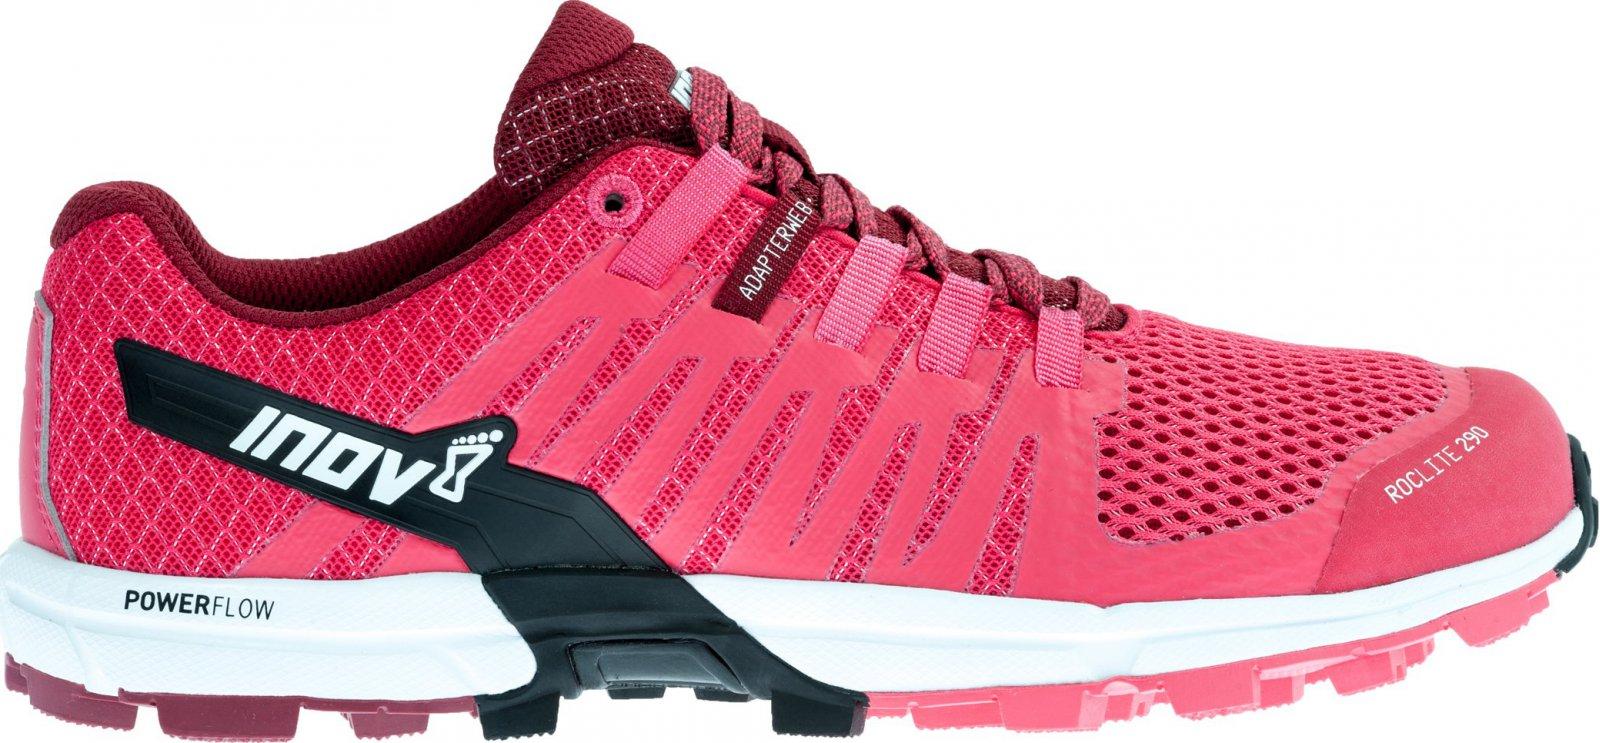 e83c81c9d3c Inov-8 Roclite 290 M Pink Black White 37